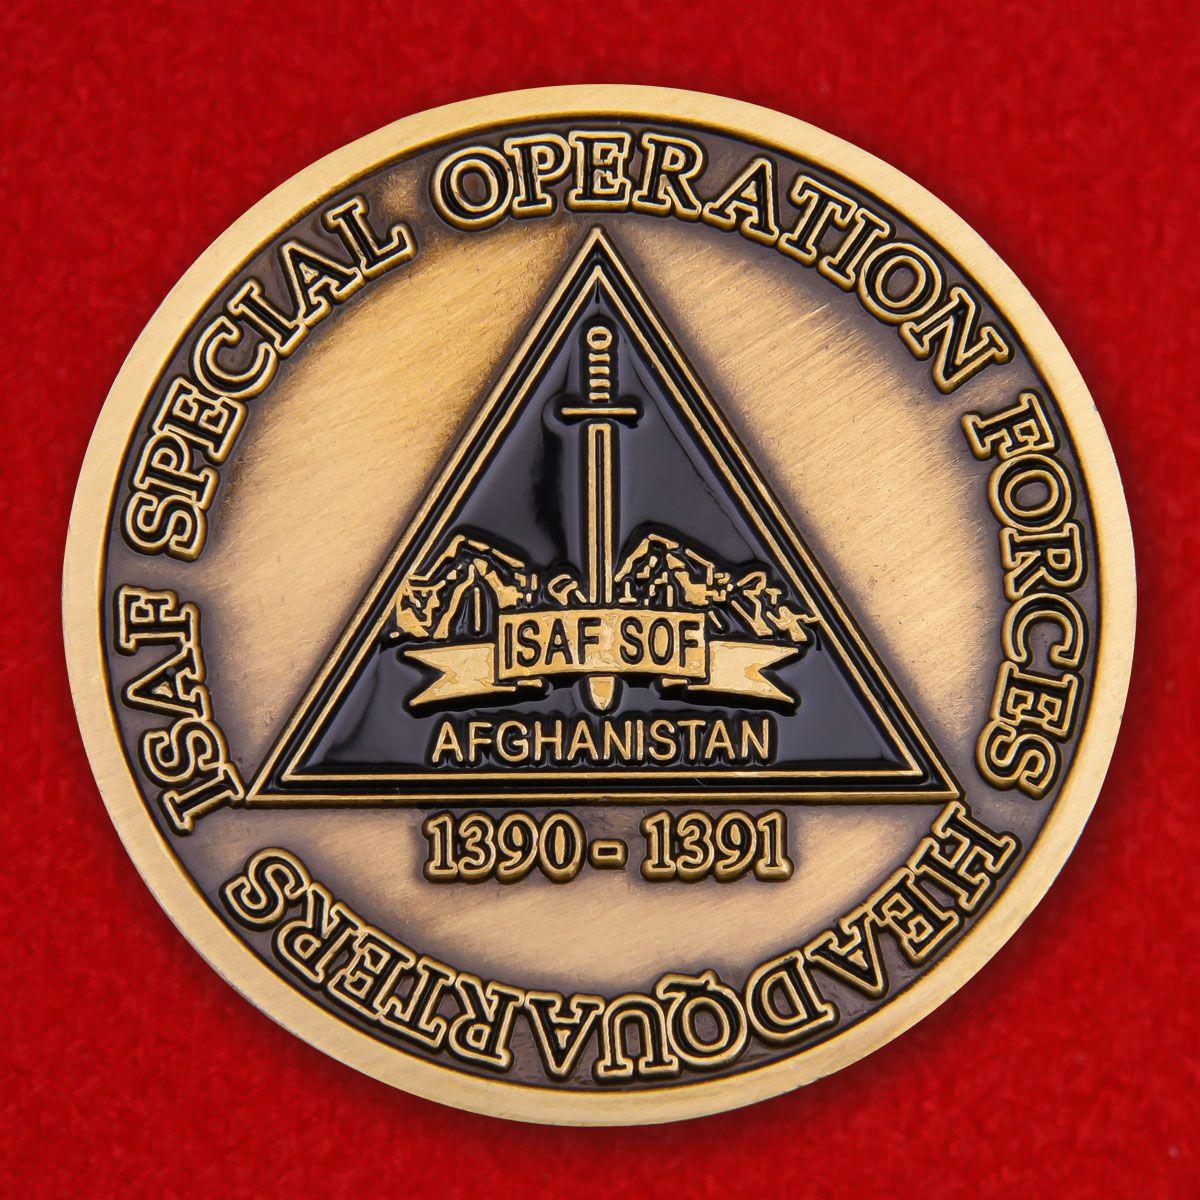 Челлендж коин штаба сил спецопераций Международных сил содействия безопасности в Афганистане